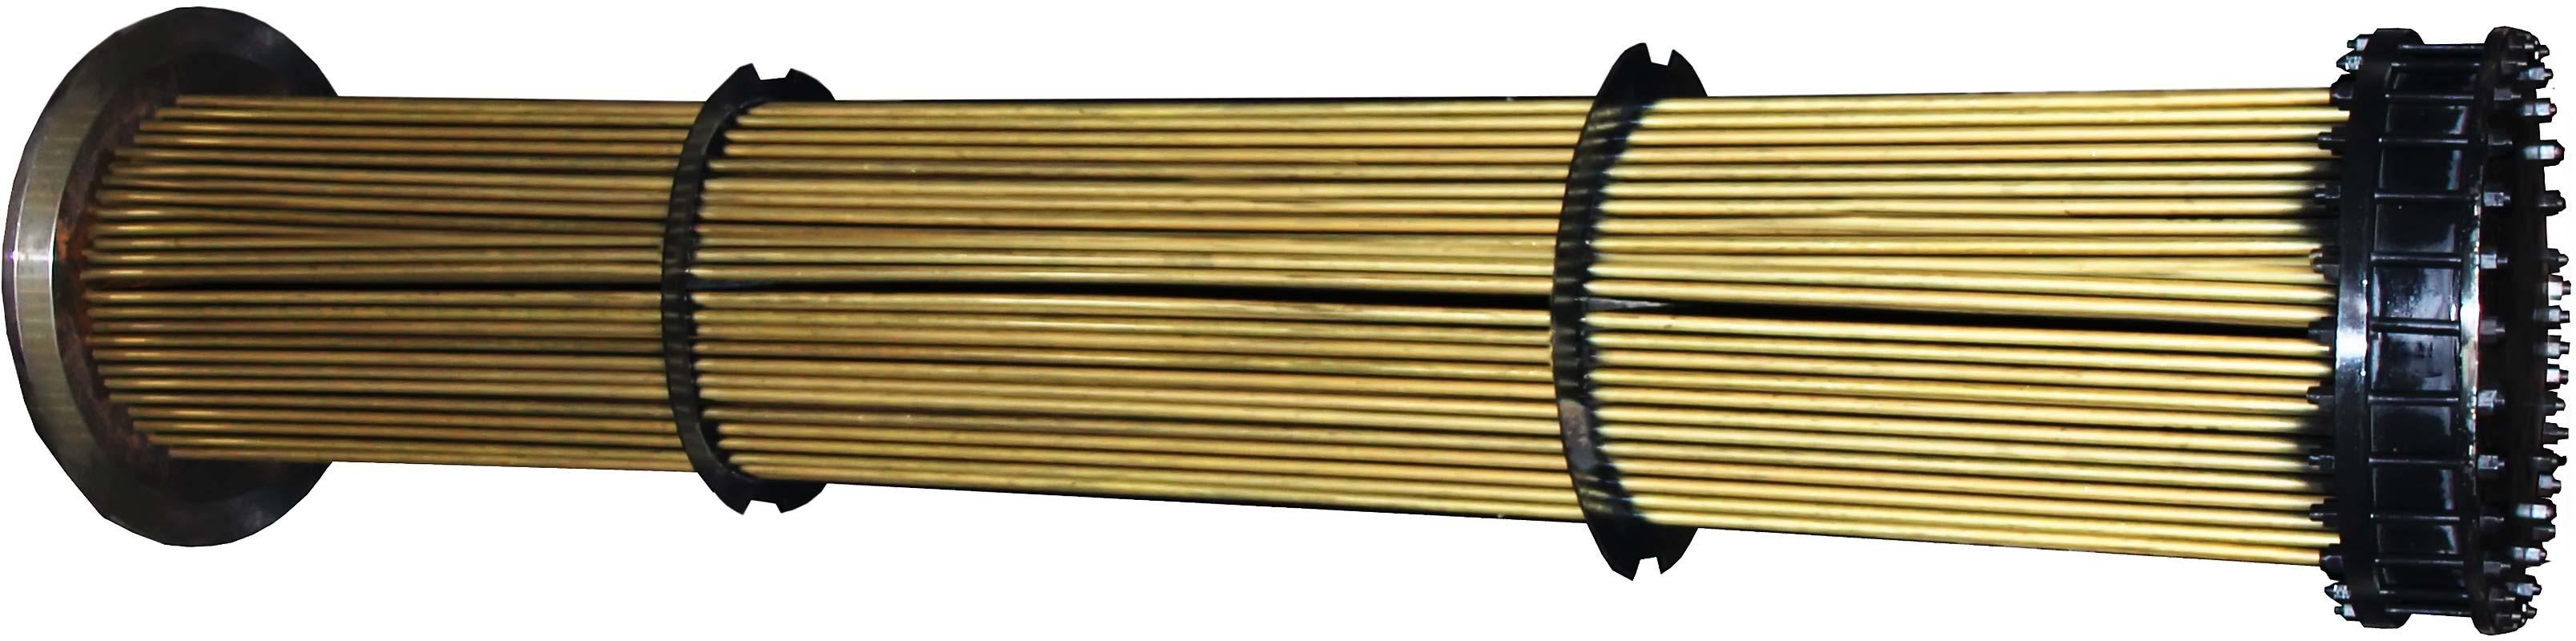 Теплообменник кожухотрубный материал изготовления